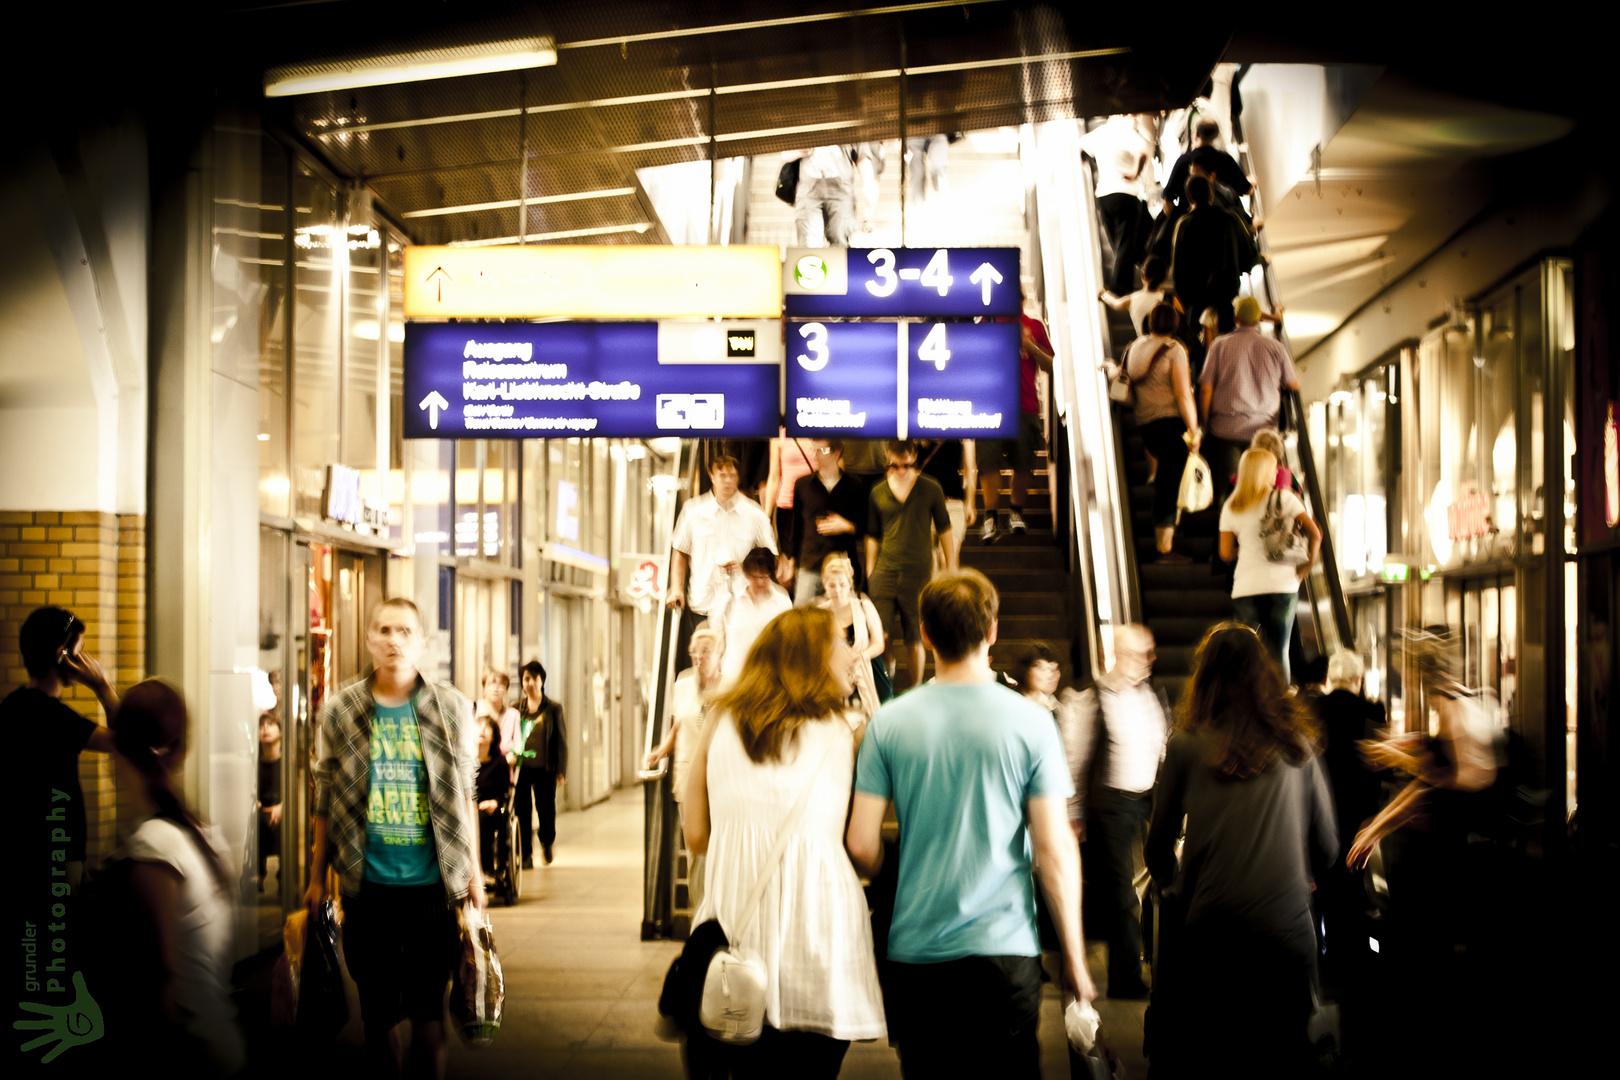 Bahnhof-Alexanderplatz